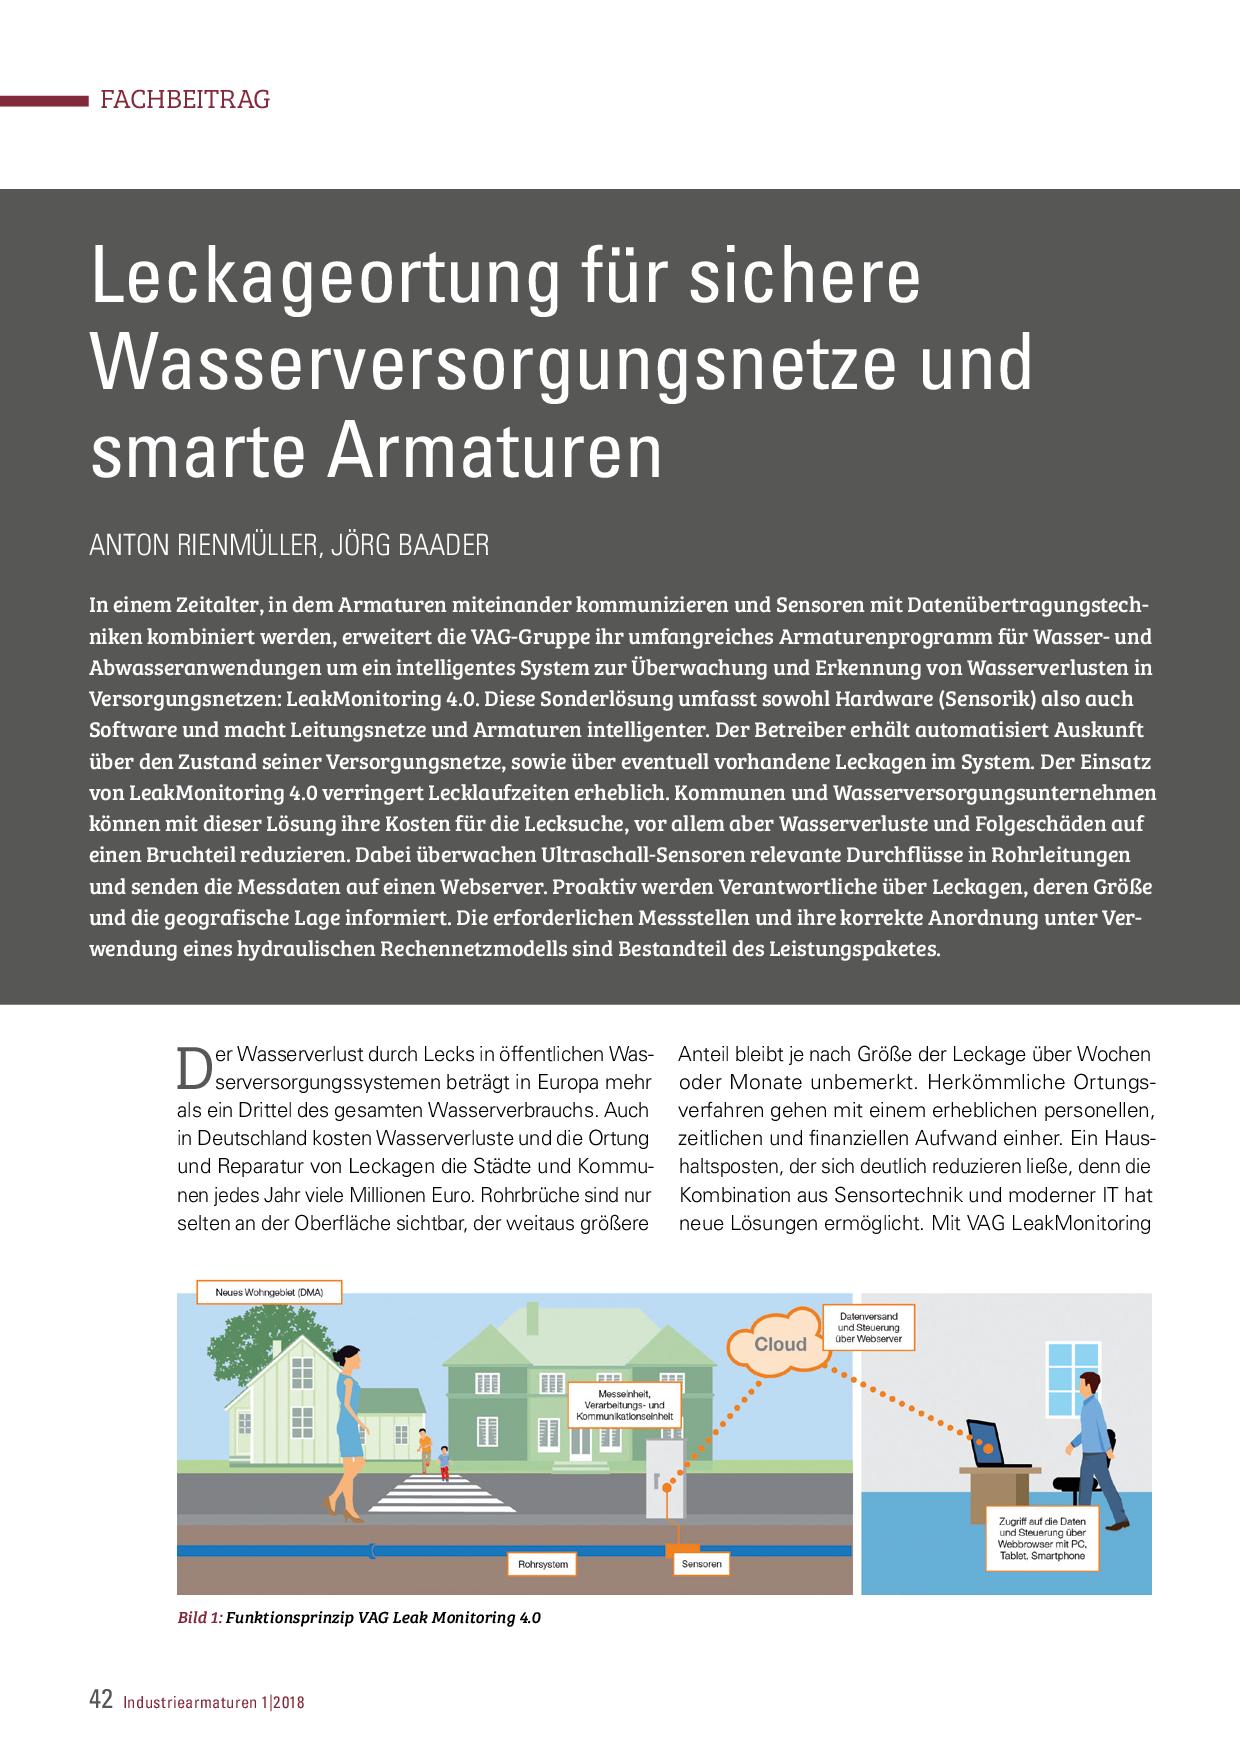 Leckageortung für sichere Wasserversorgungsnetze und smarte Armaturen